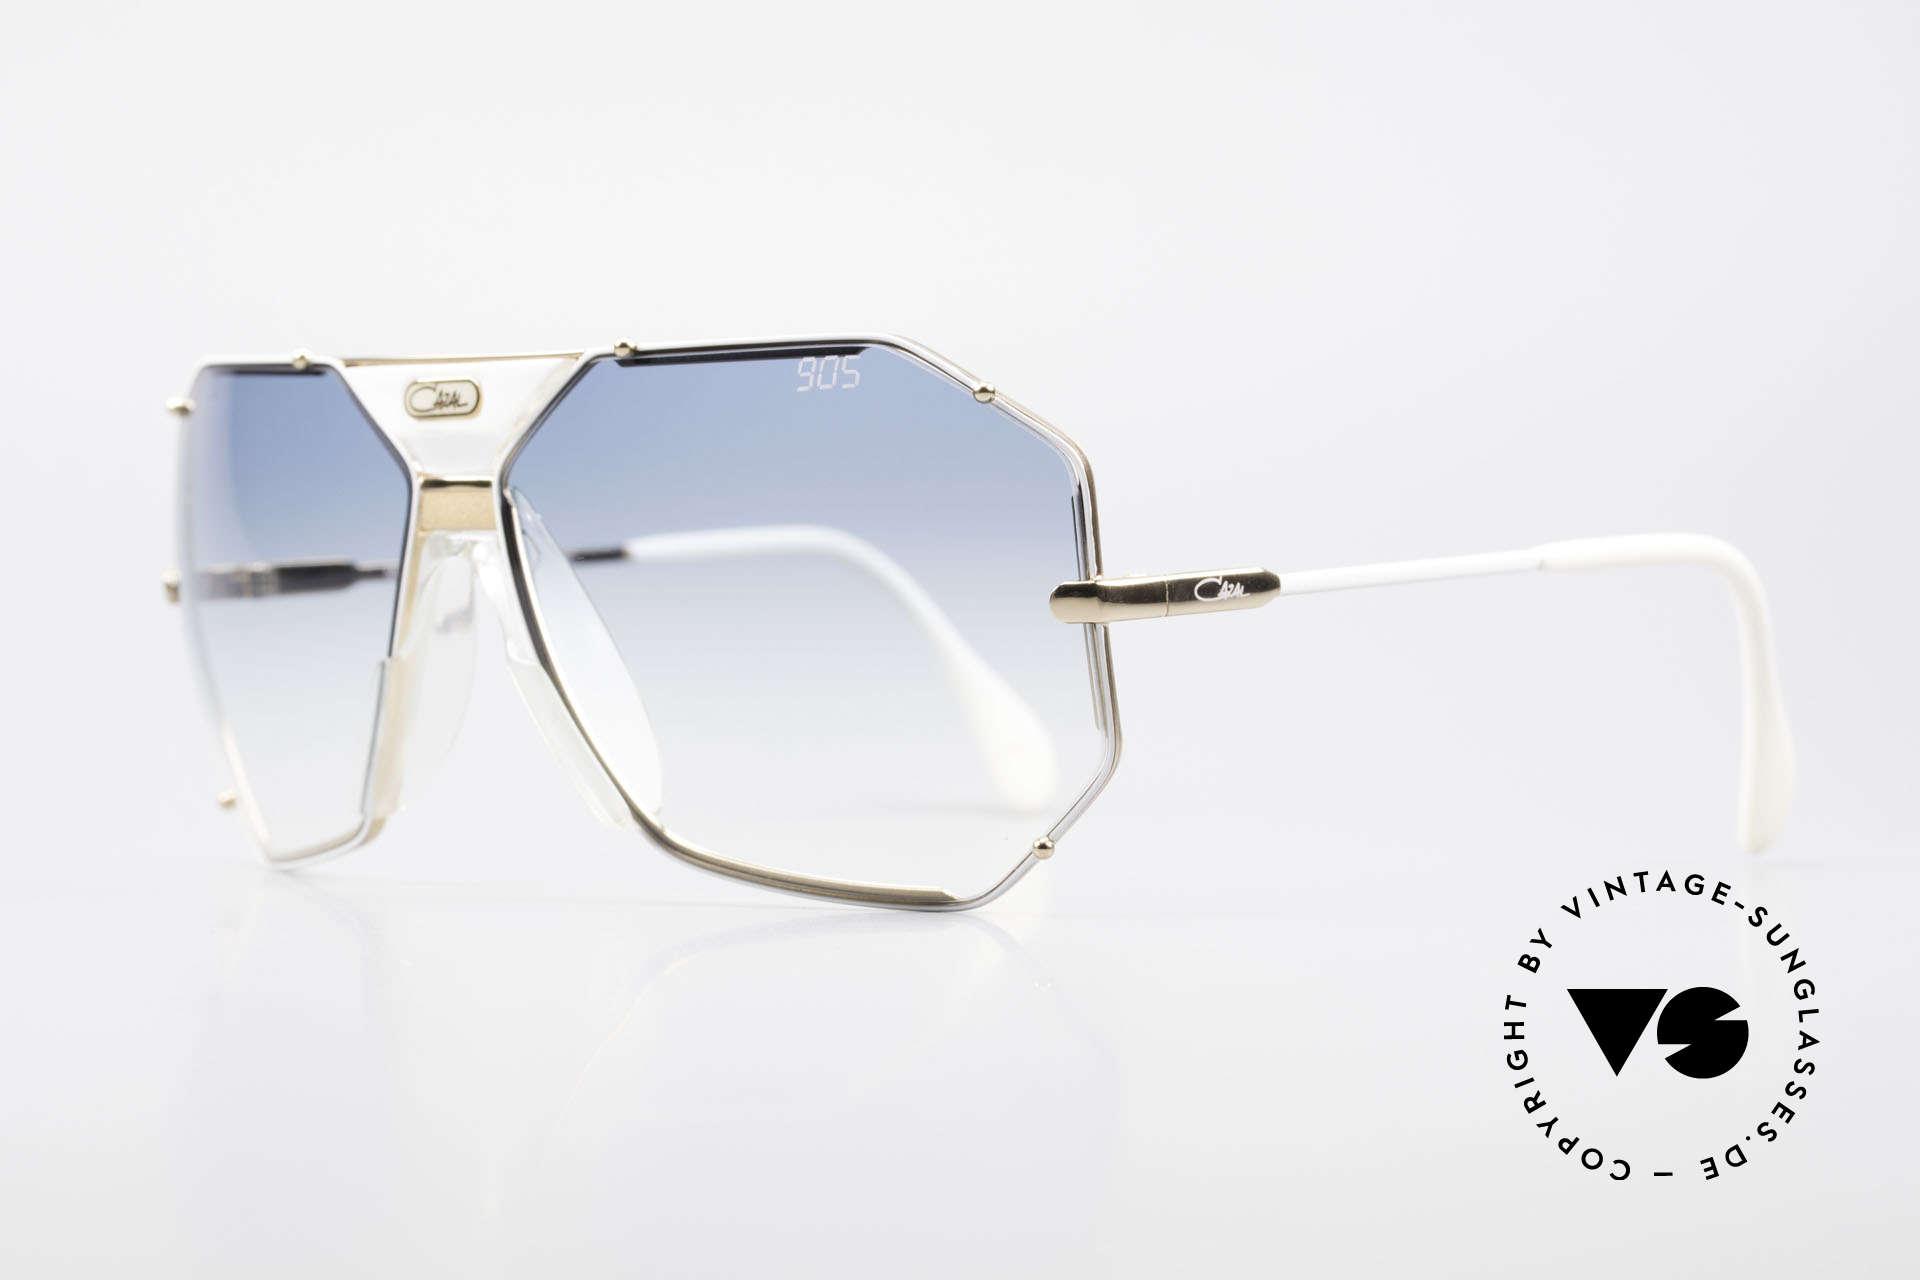 Cazal 905 Gwen Stefani Vintage Brille, mit orig. Cazal Etui & Wechselgläsern (100% UV), Passend für Herren und Damen